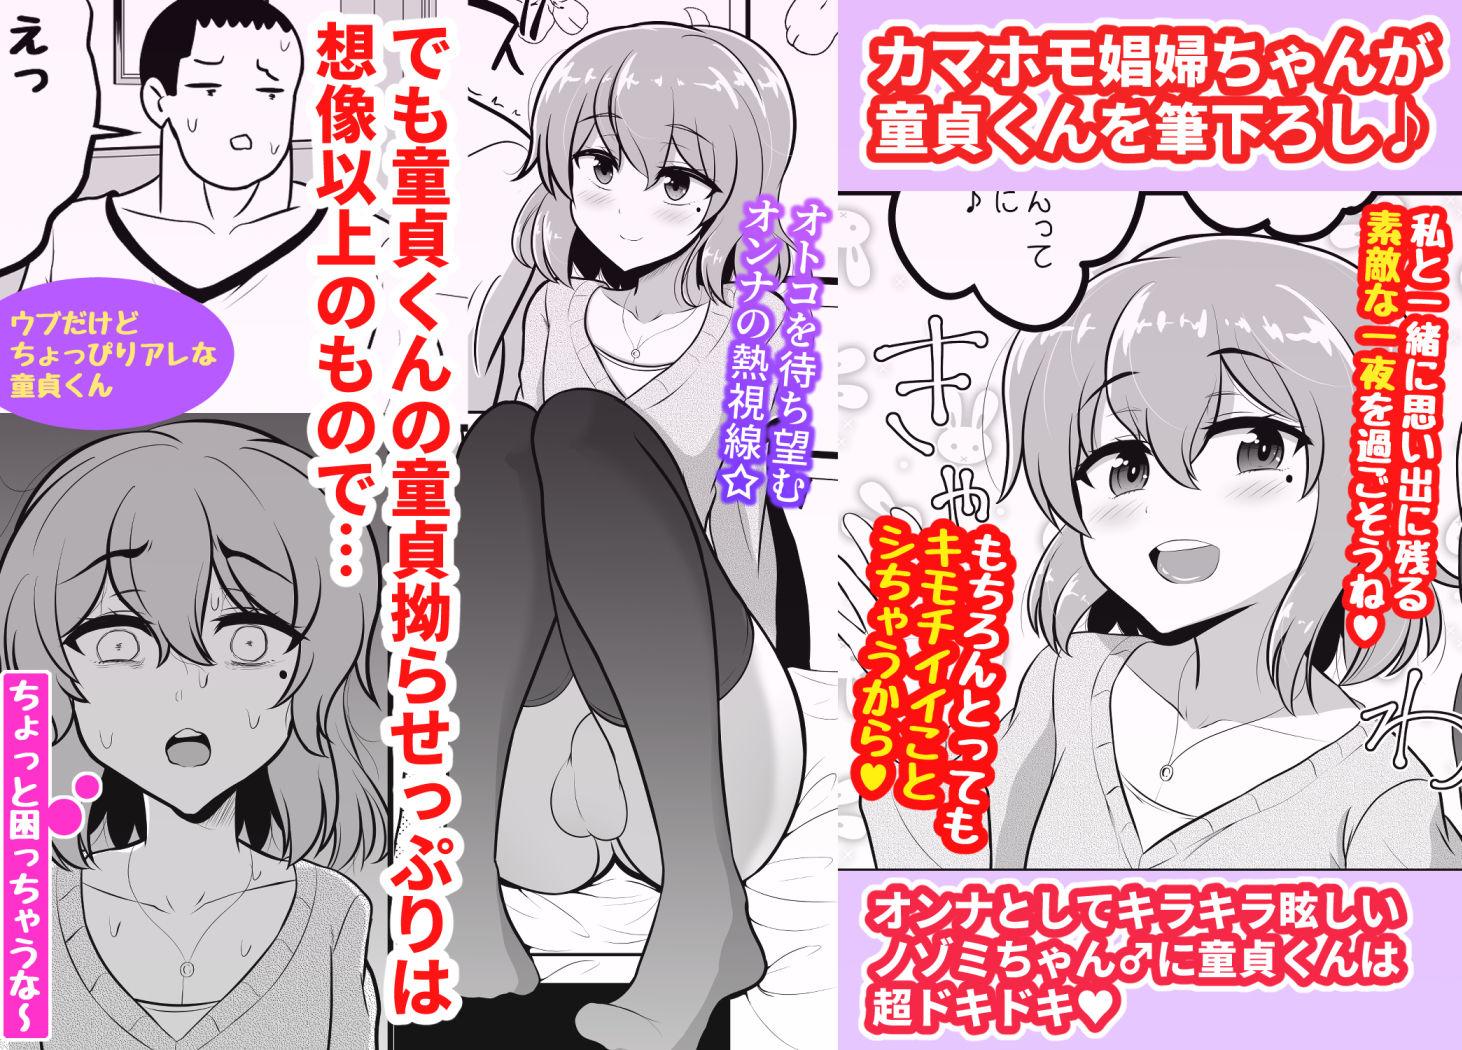 カマホモ娼婦ちゃんと童貞卒業スケベ性交 エロプレイ画像